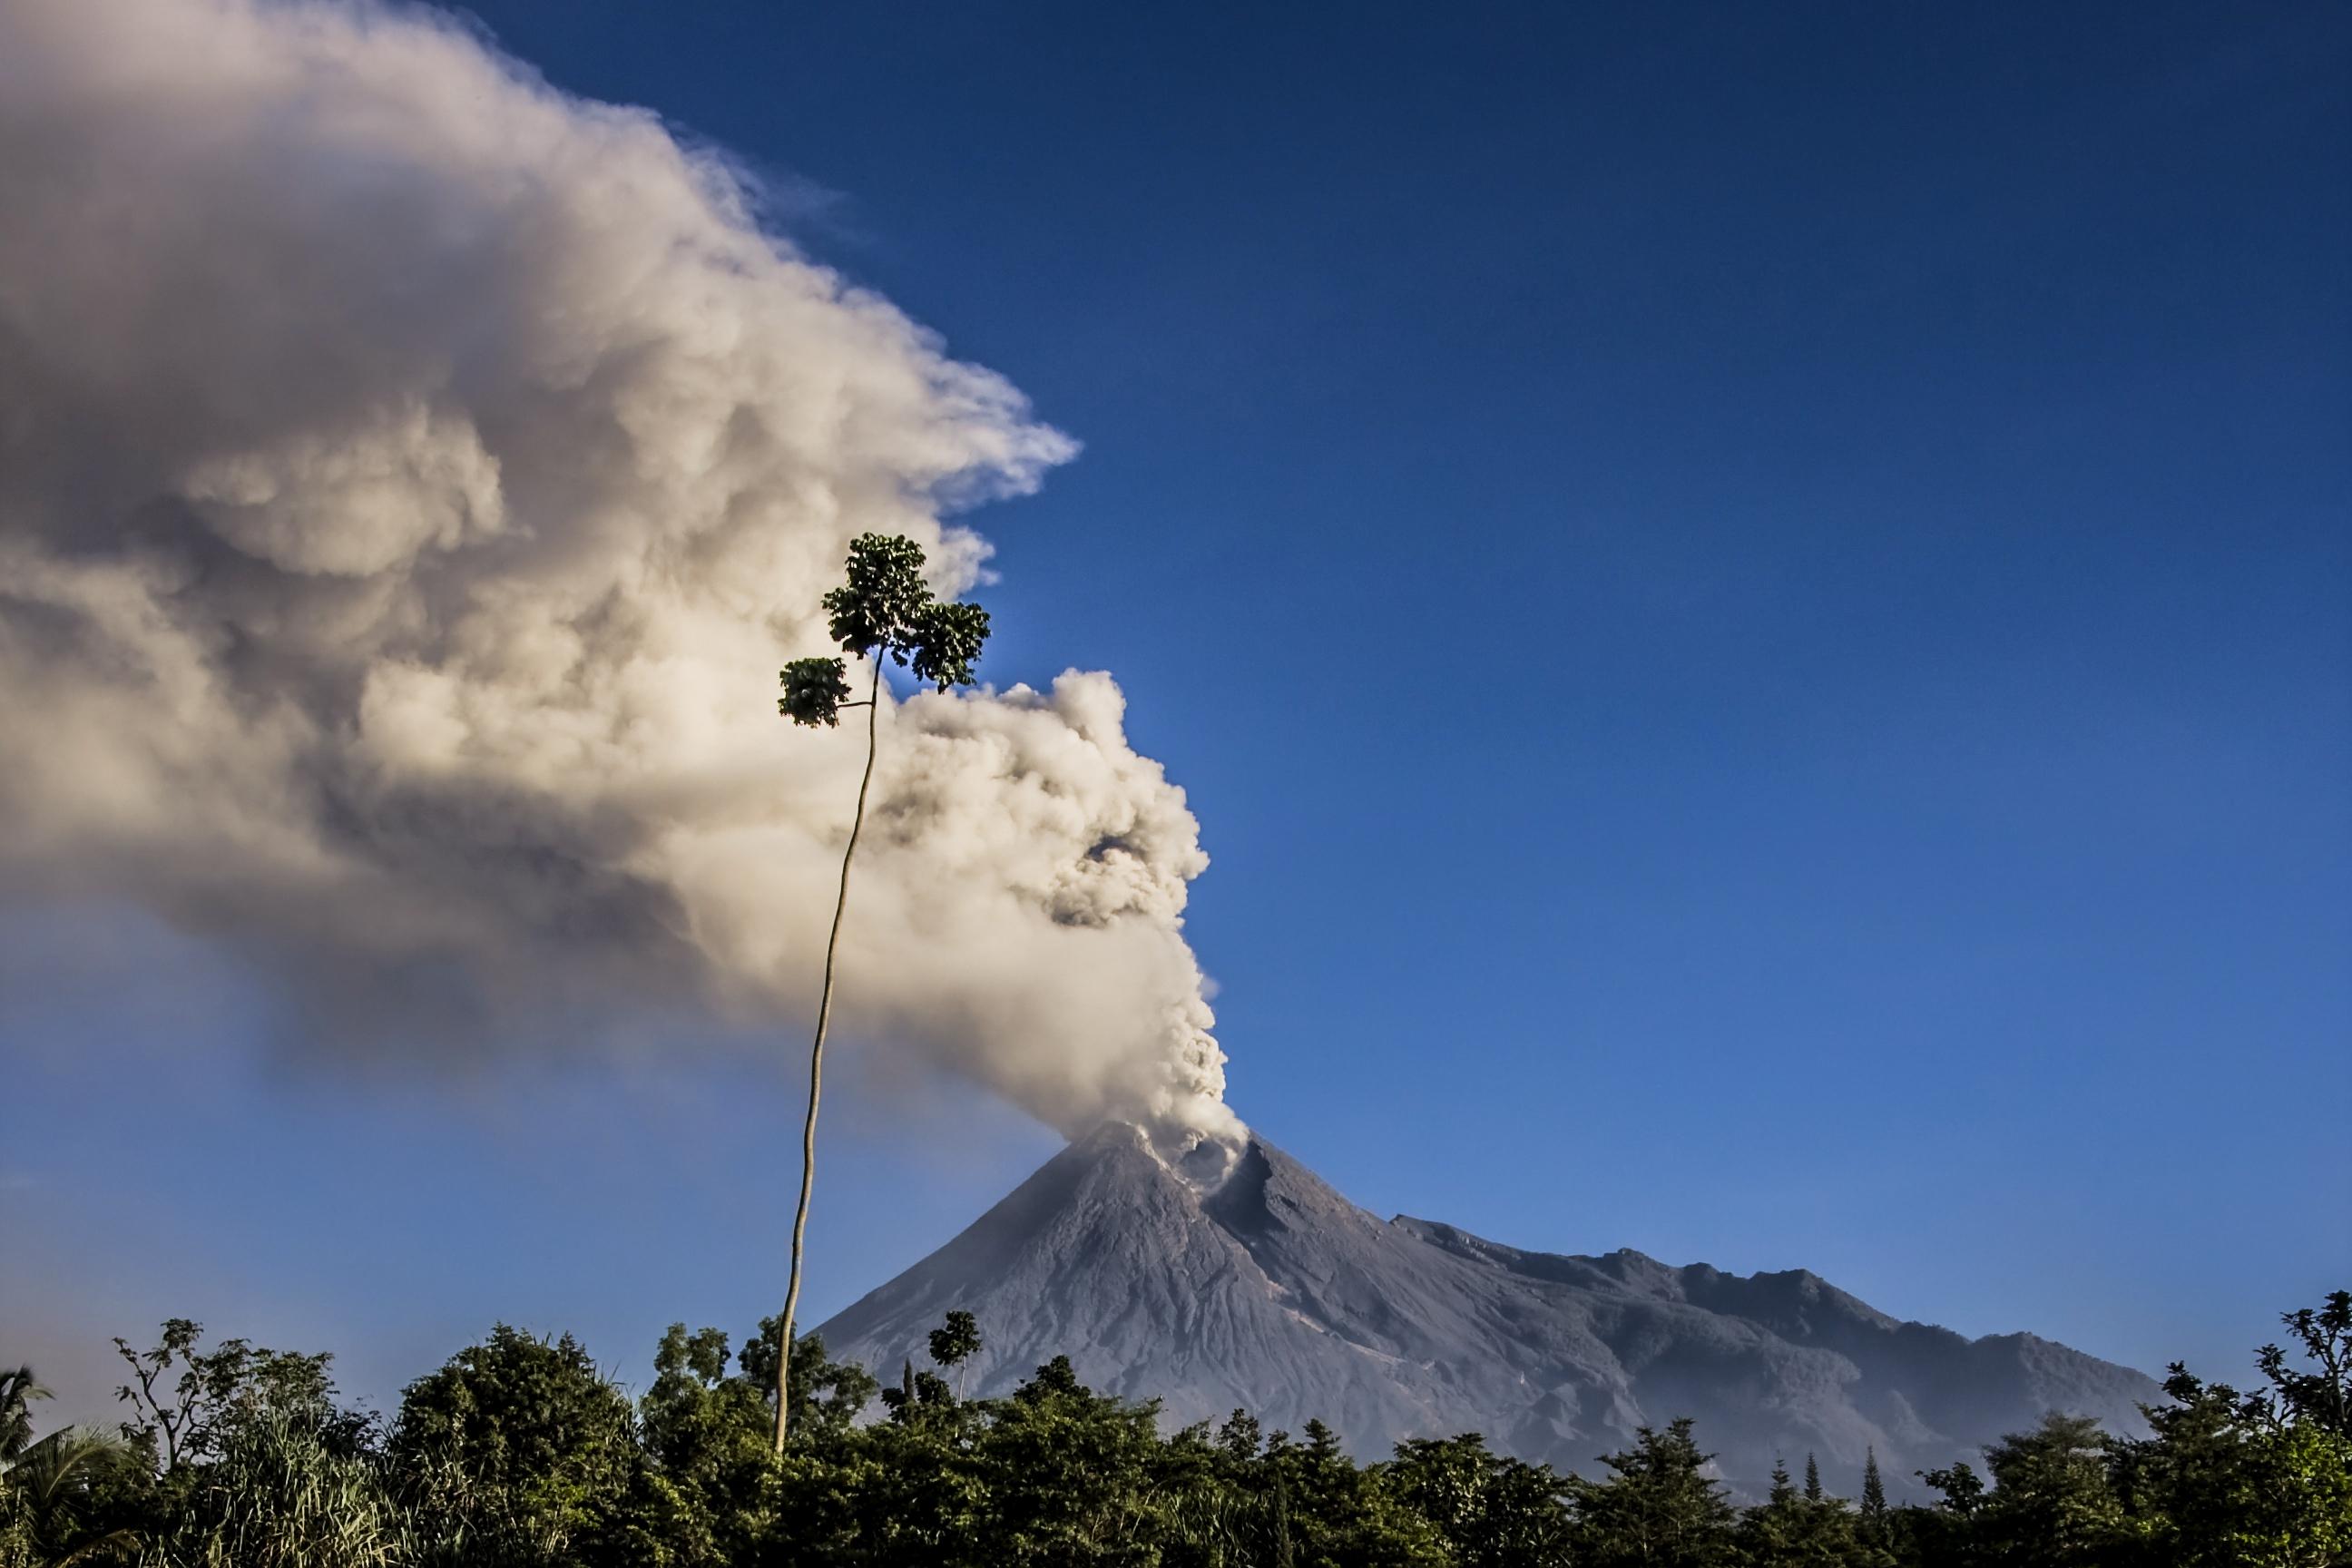 El volcán hizo erupción una vez más el 13 de febrero por menos de dos minutos